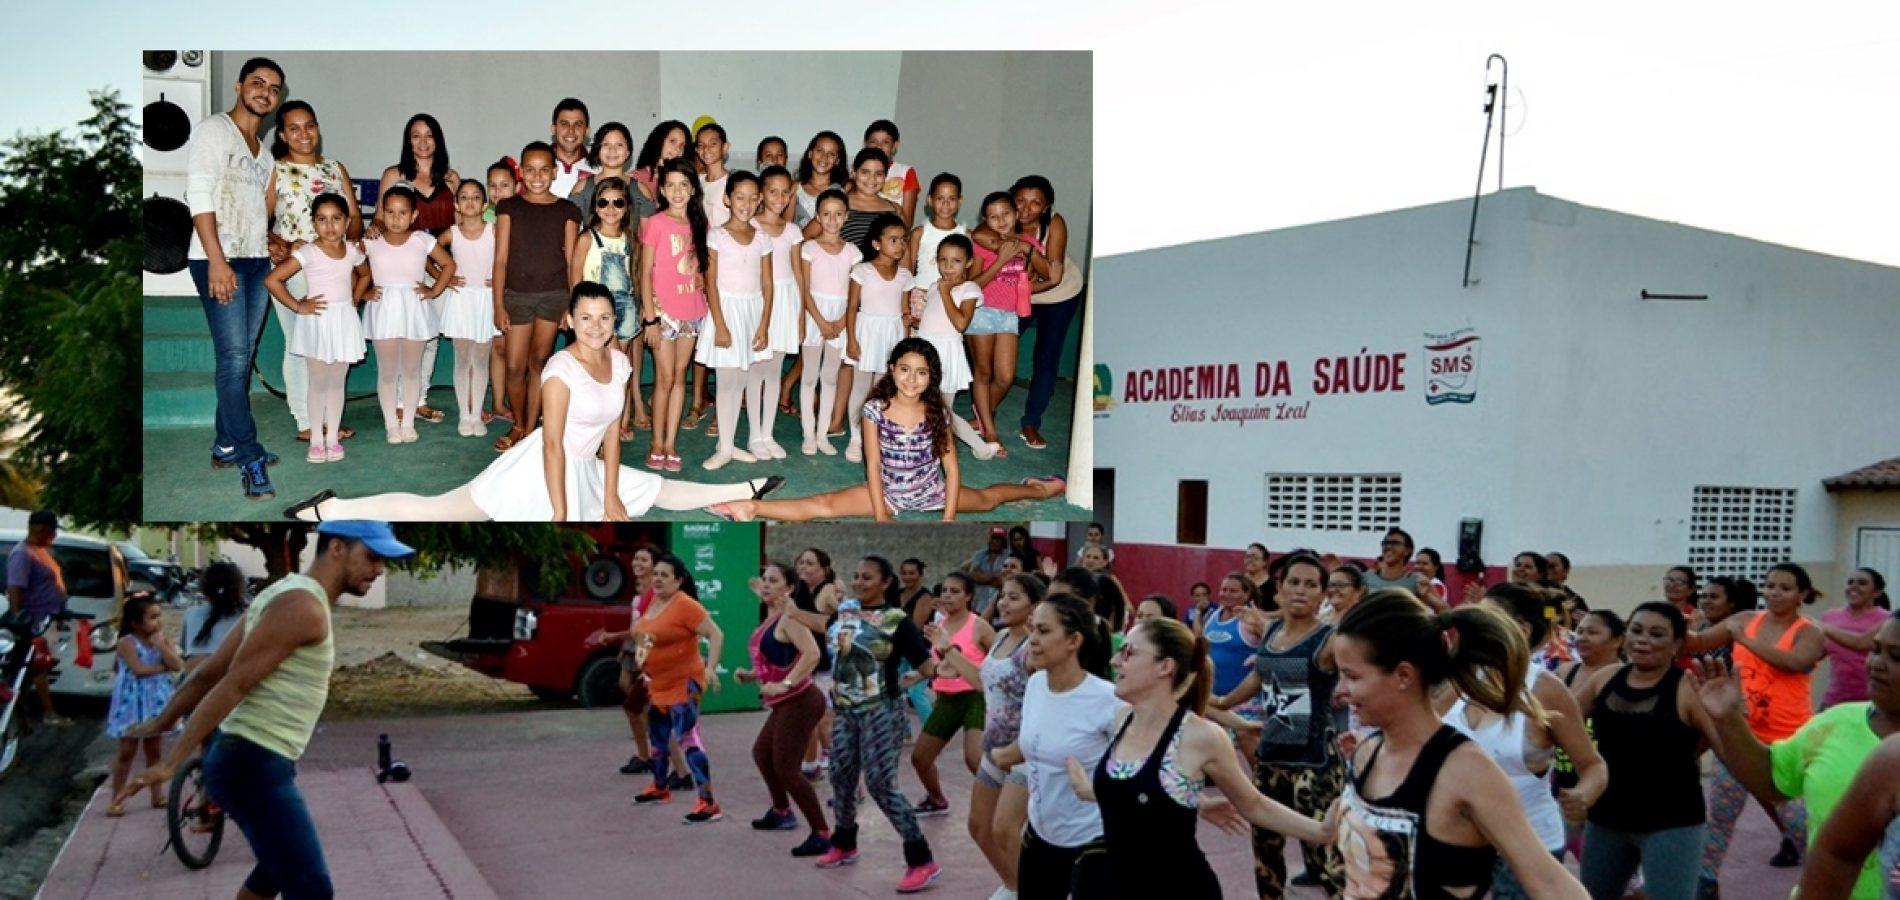 Cultura inicia um novo momento com o professor Dayron Abreu no Ballet e Zumba em Alegrete do Piauí